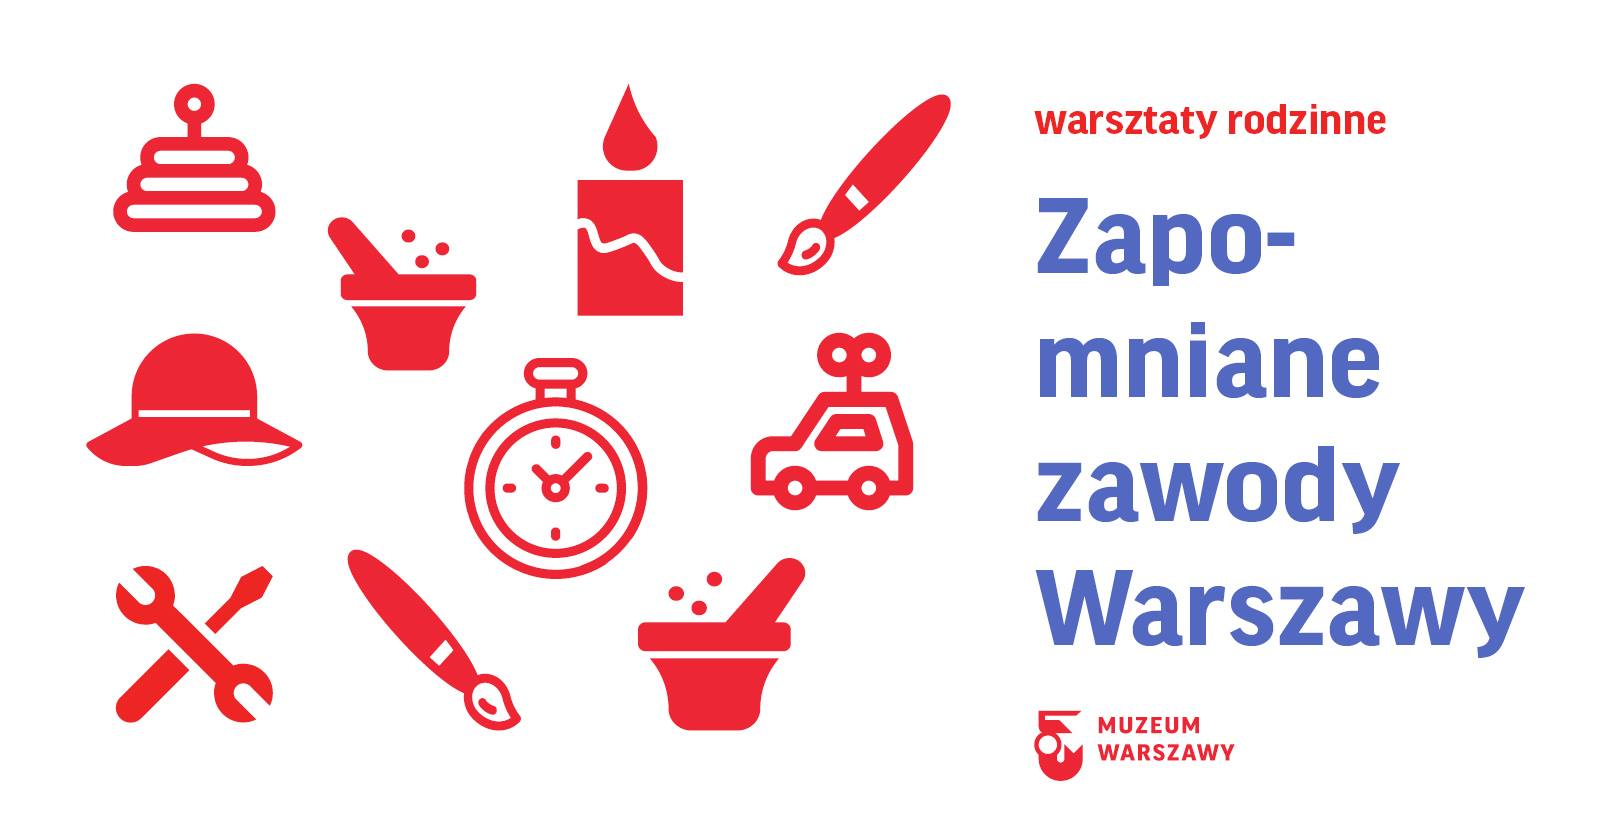 Zapomniane zawody Warszawy | Kaflarz